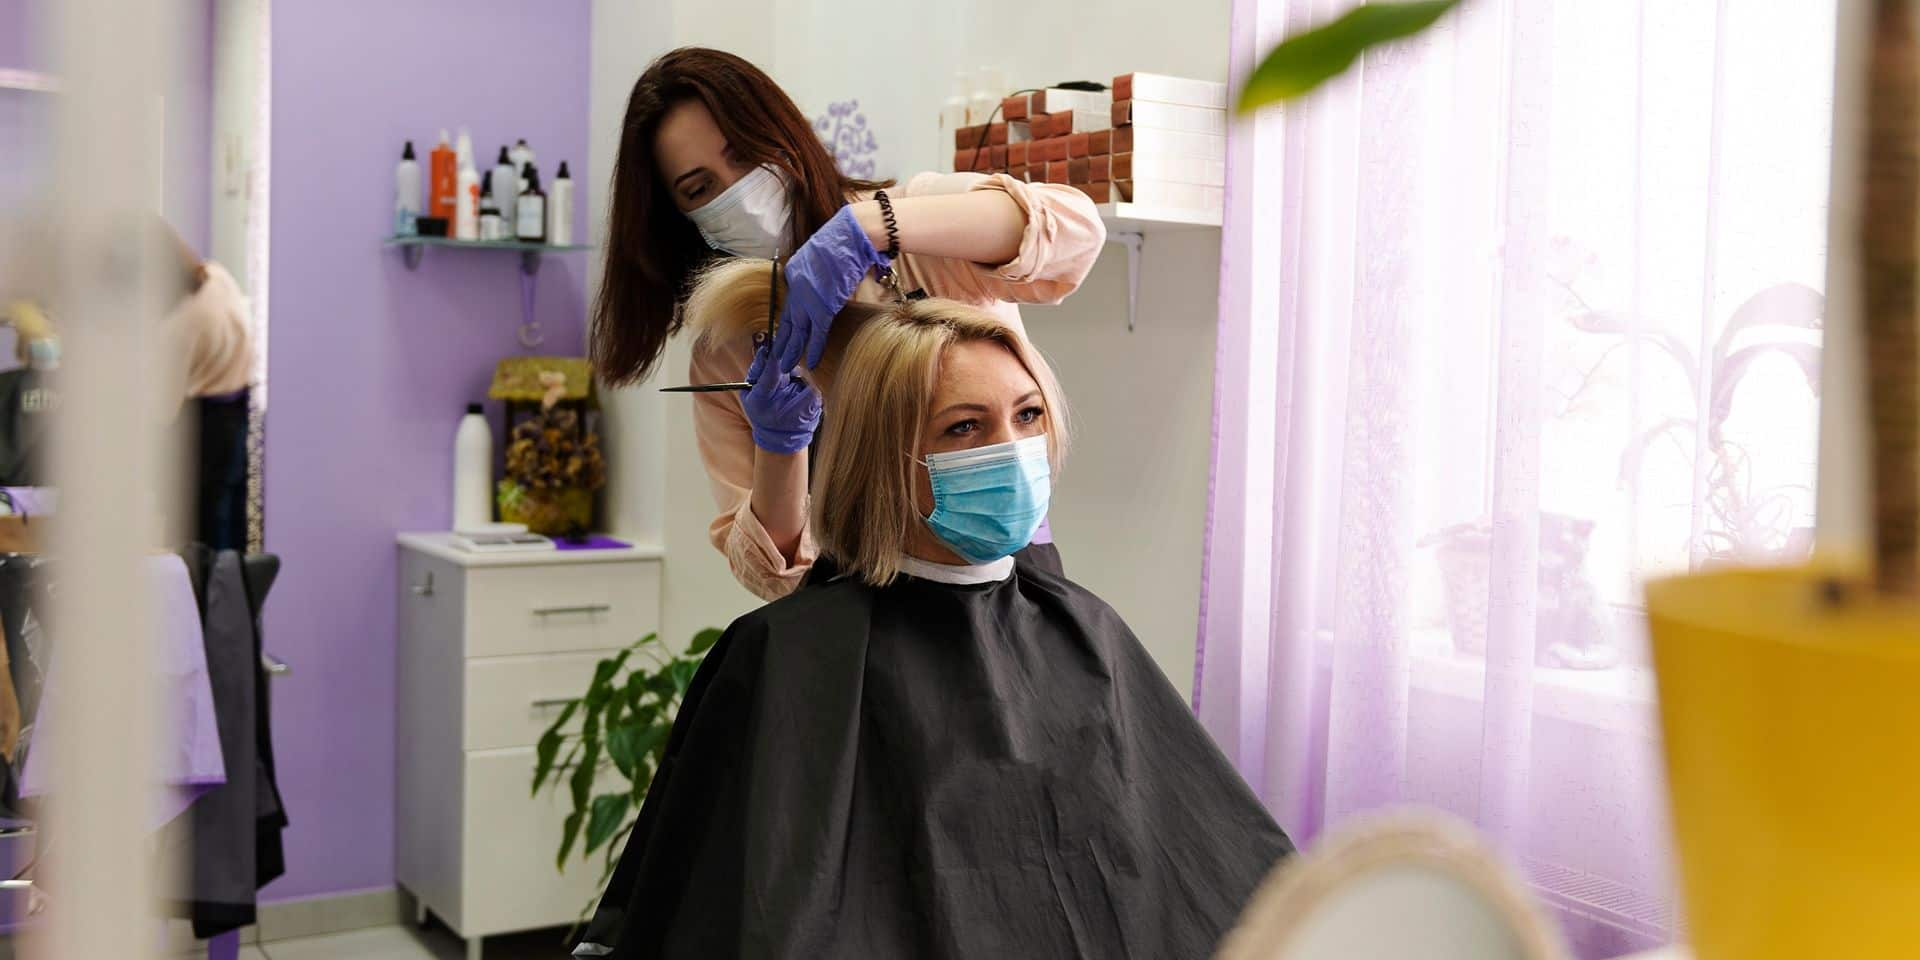 Les règles très strictes que coiffeurs et clients devront respecter